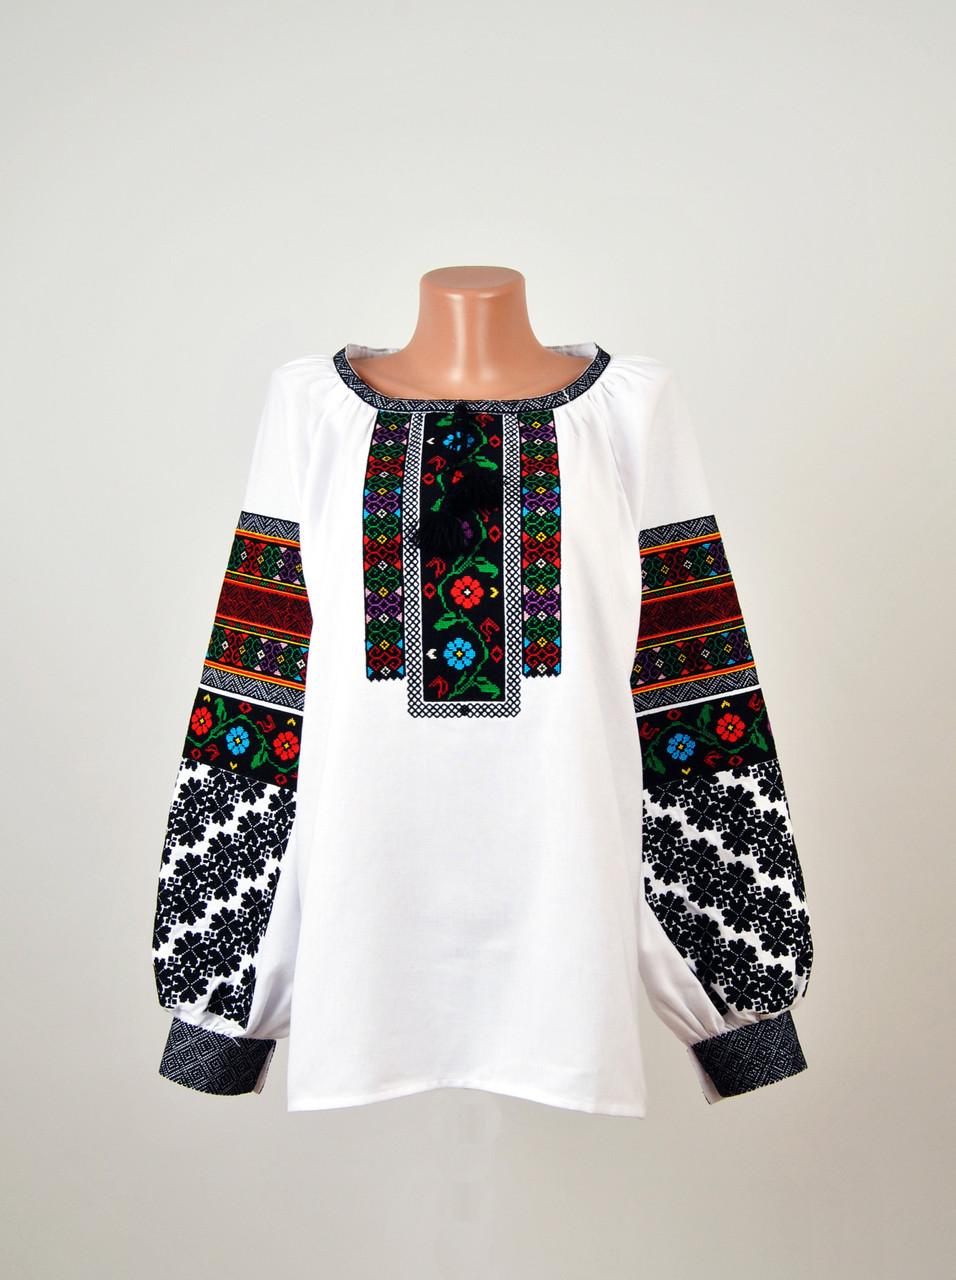 e78c3375a33852 Жіноча вишиванка борщівка з якісною машинною вишивкою - Інтернет-магазин  вишиванок для всієї сім'